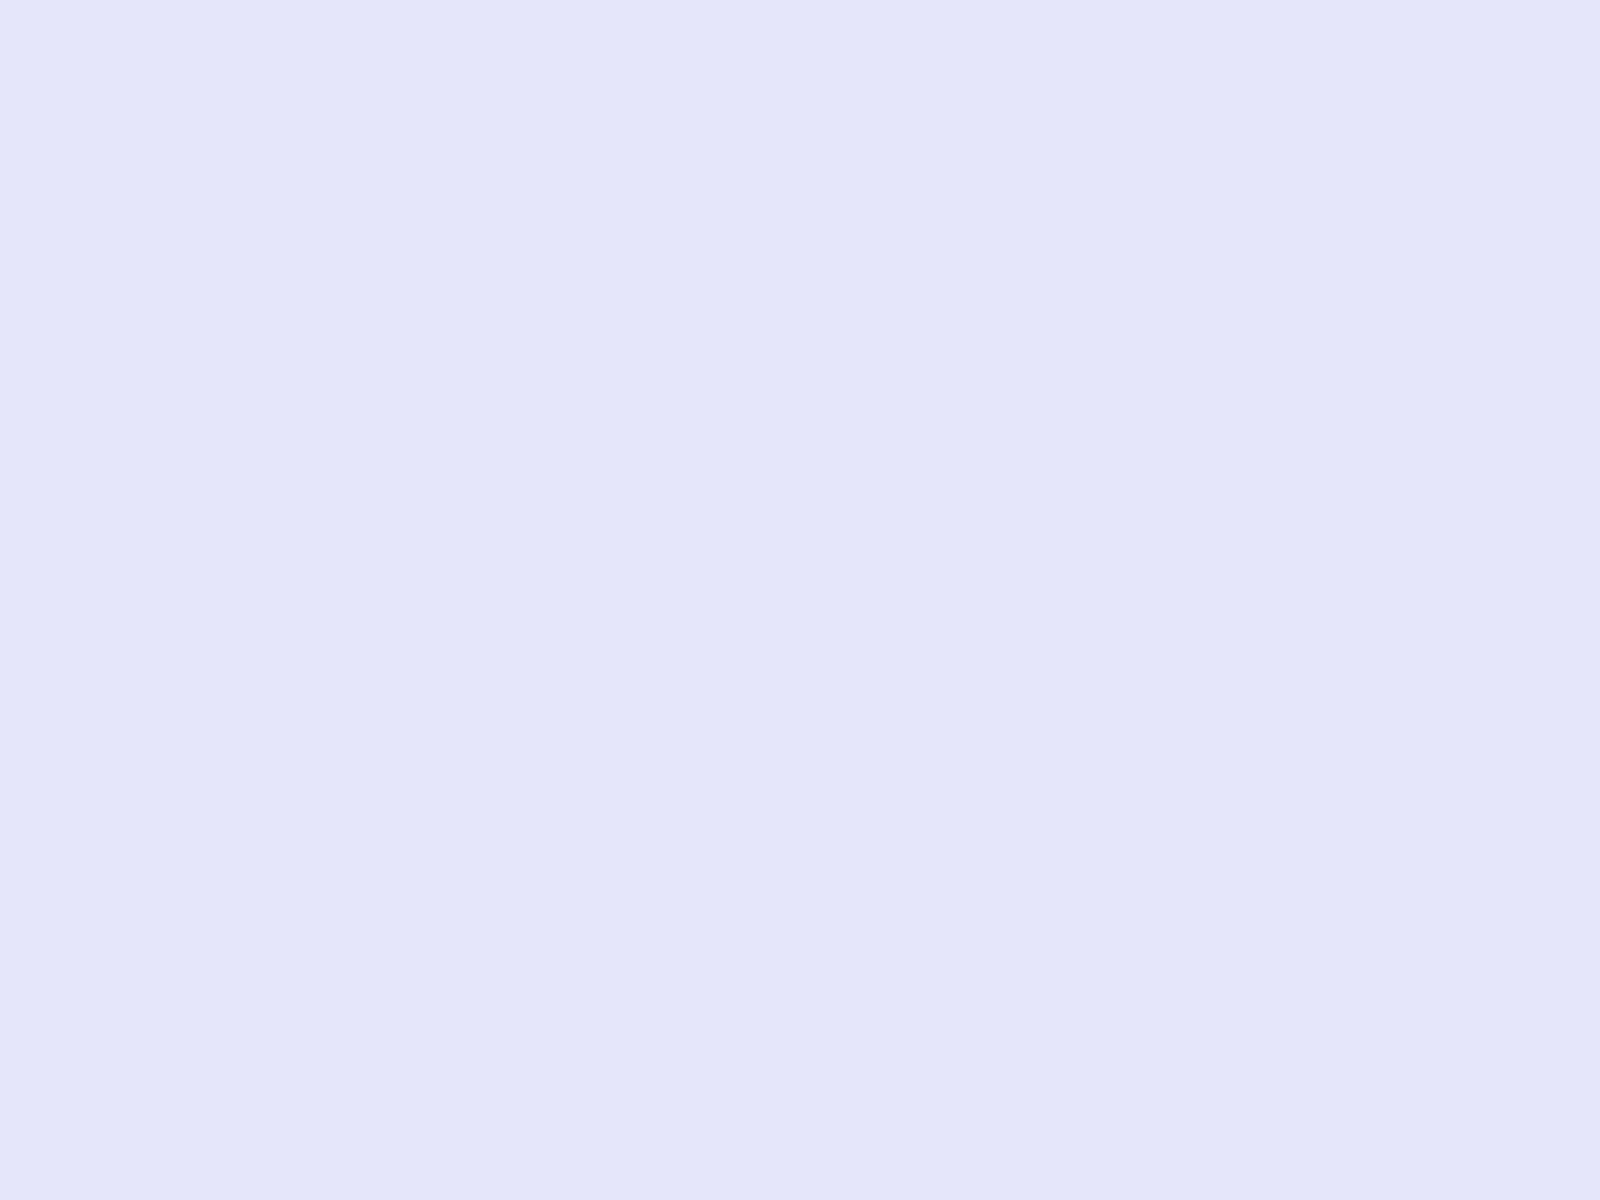 1600x1200 Lavender Mist Solid Color Background